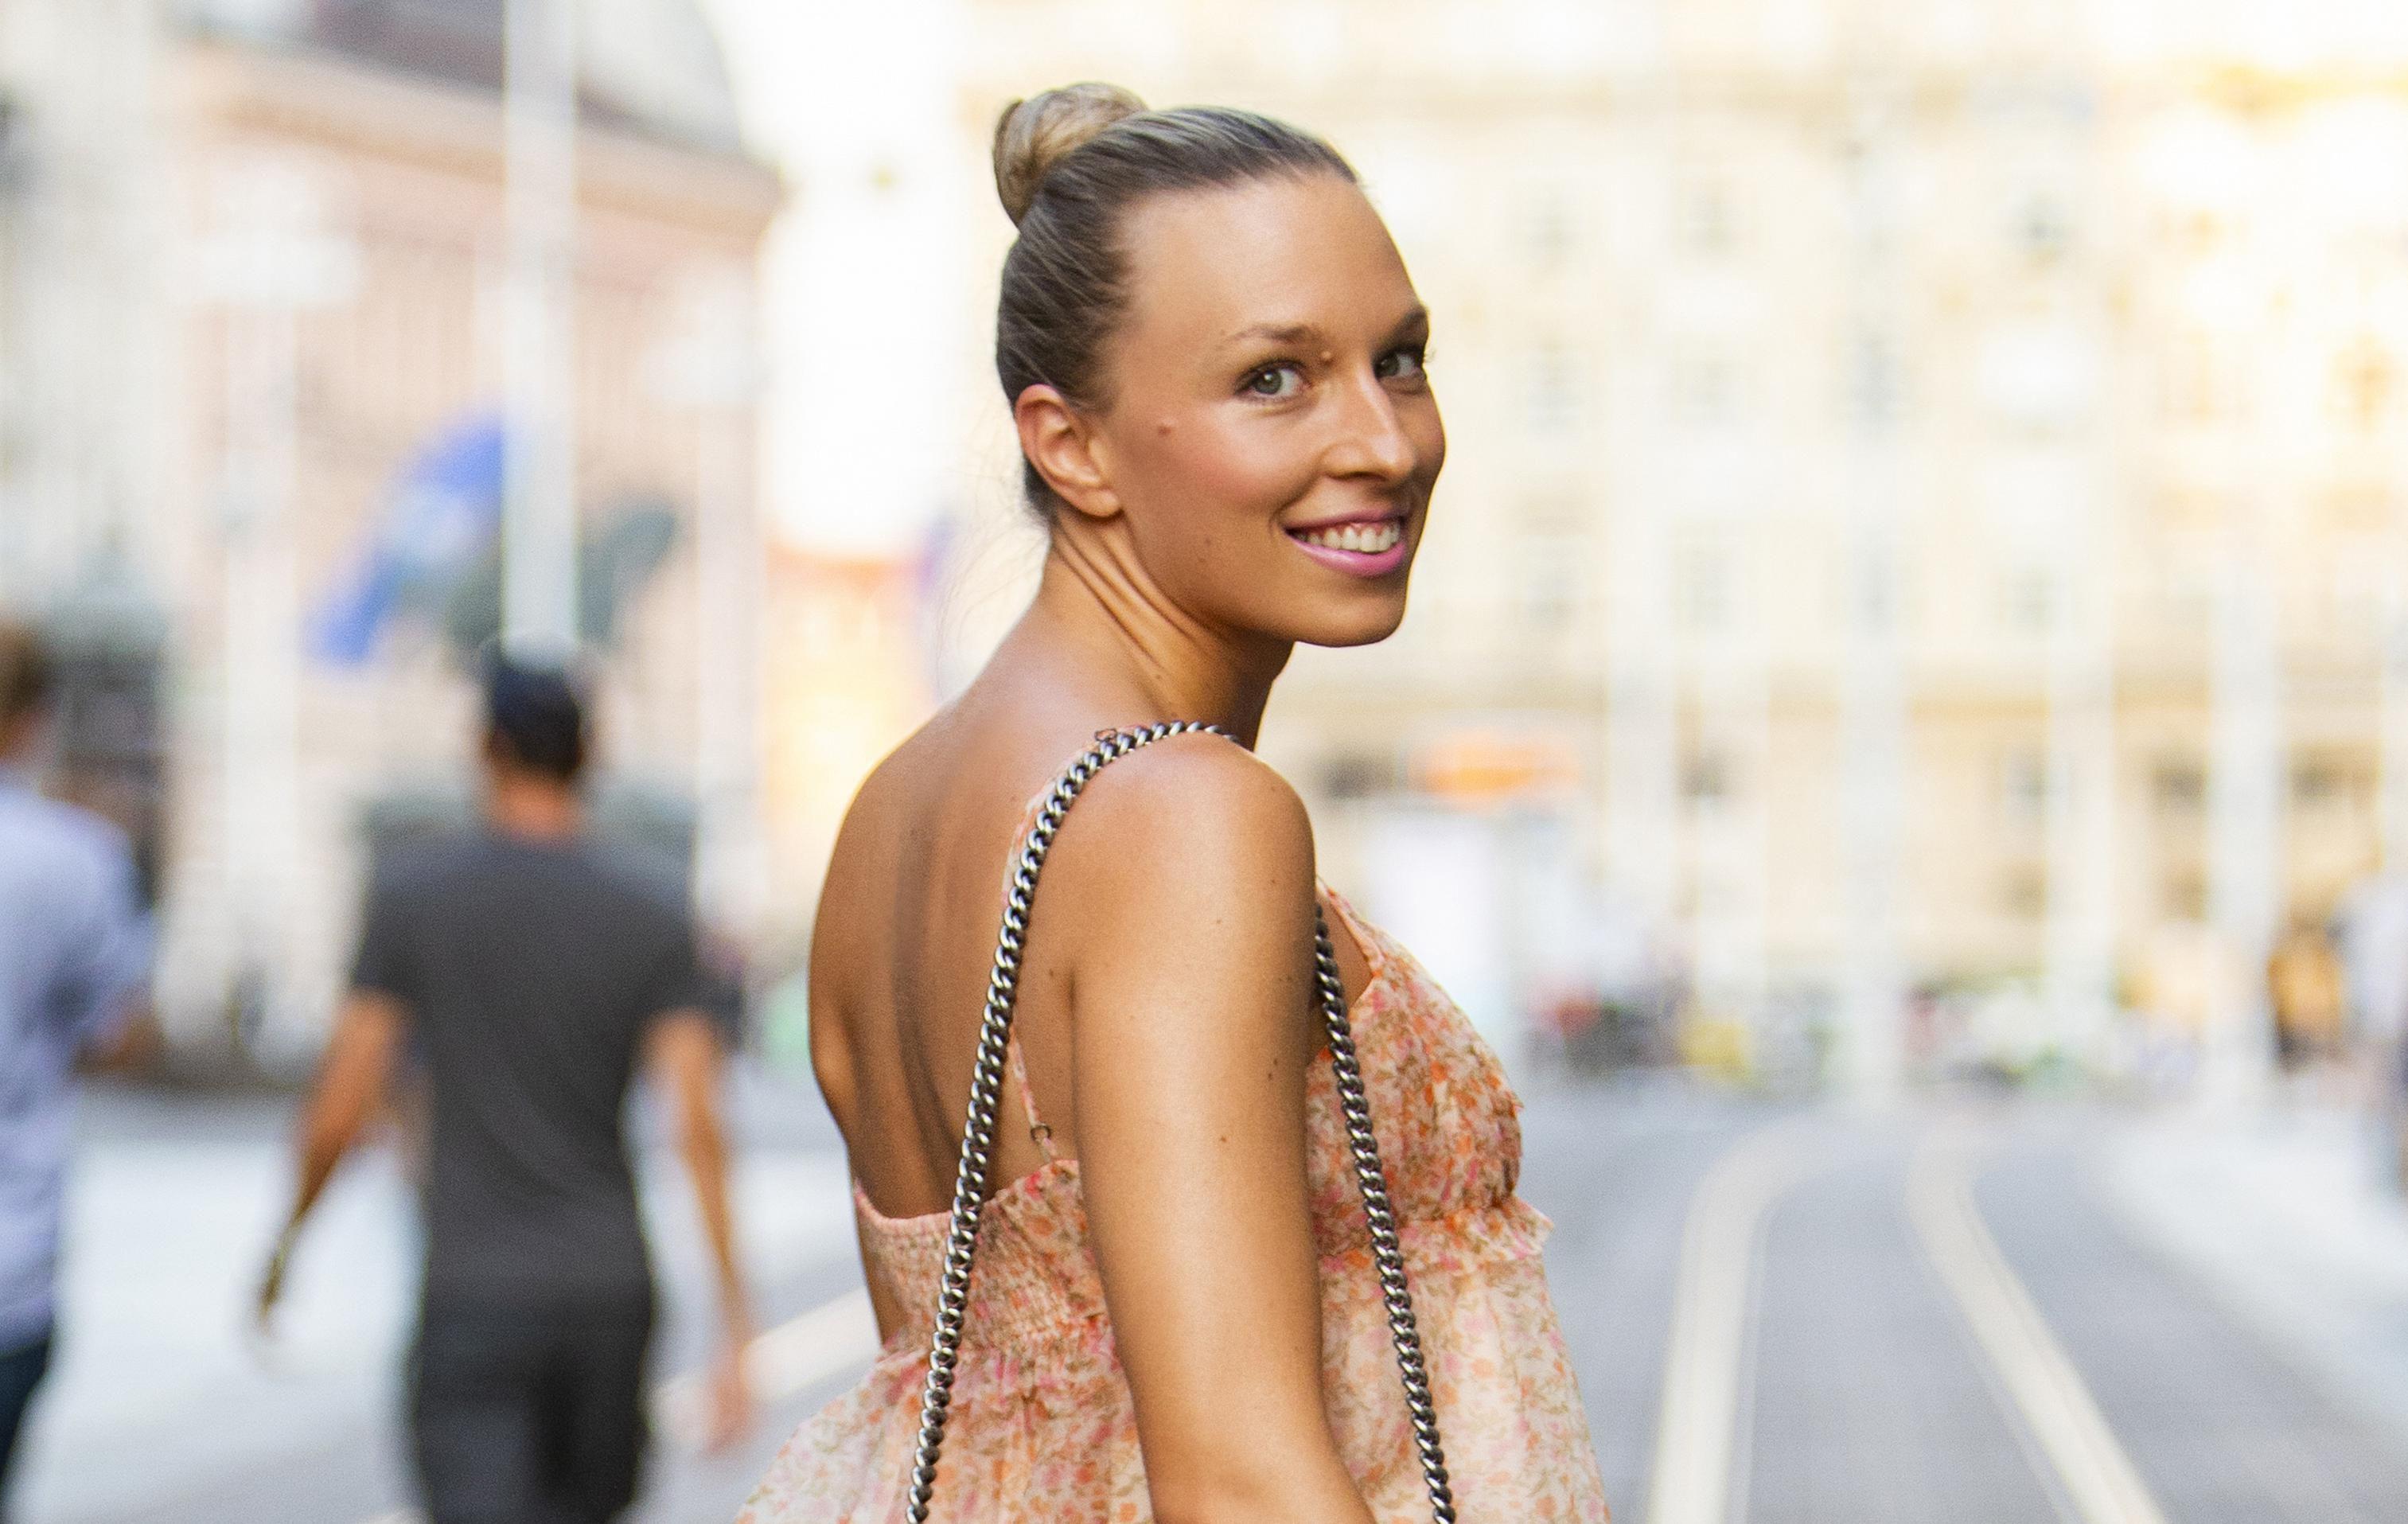 Elegantno i trendi u isto vrijeme: Na prekrasnoj dami sa špice sviđa nam se baš sve, od haljine do hit torbe